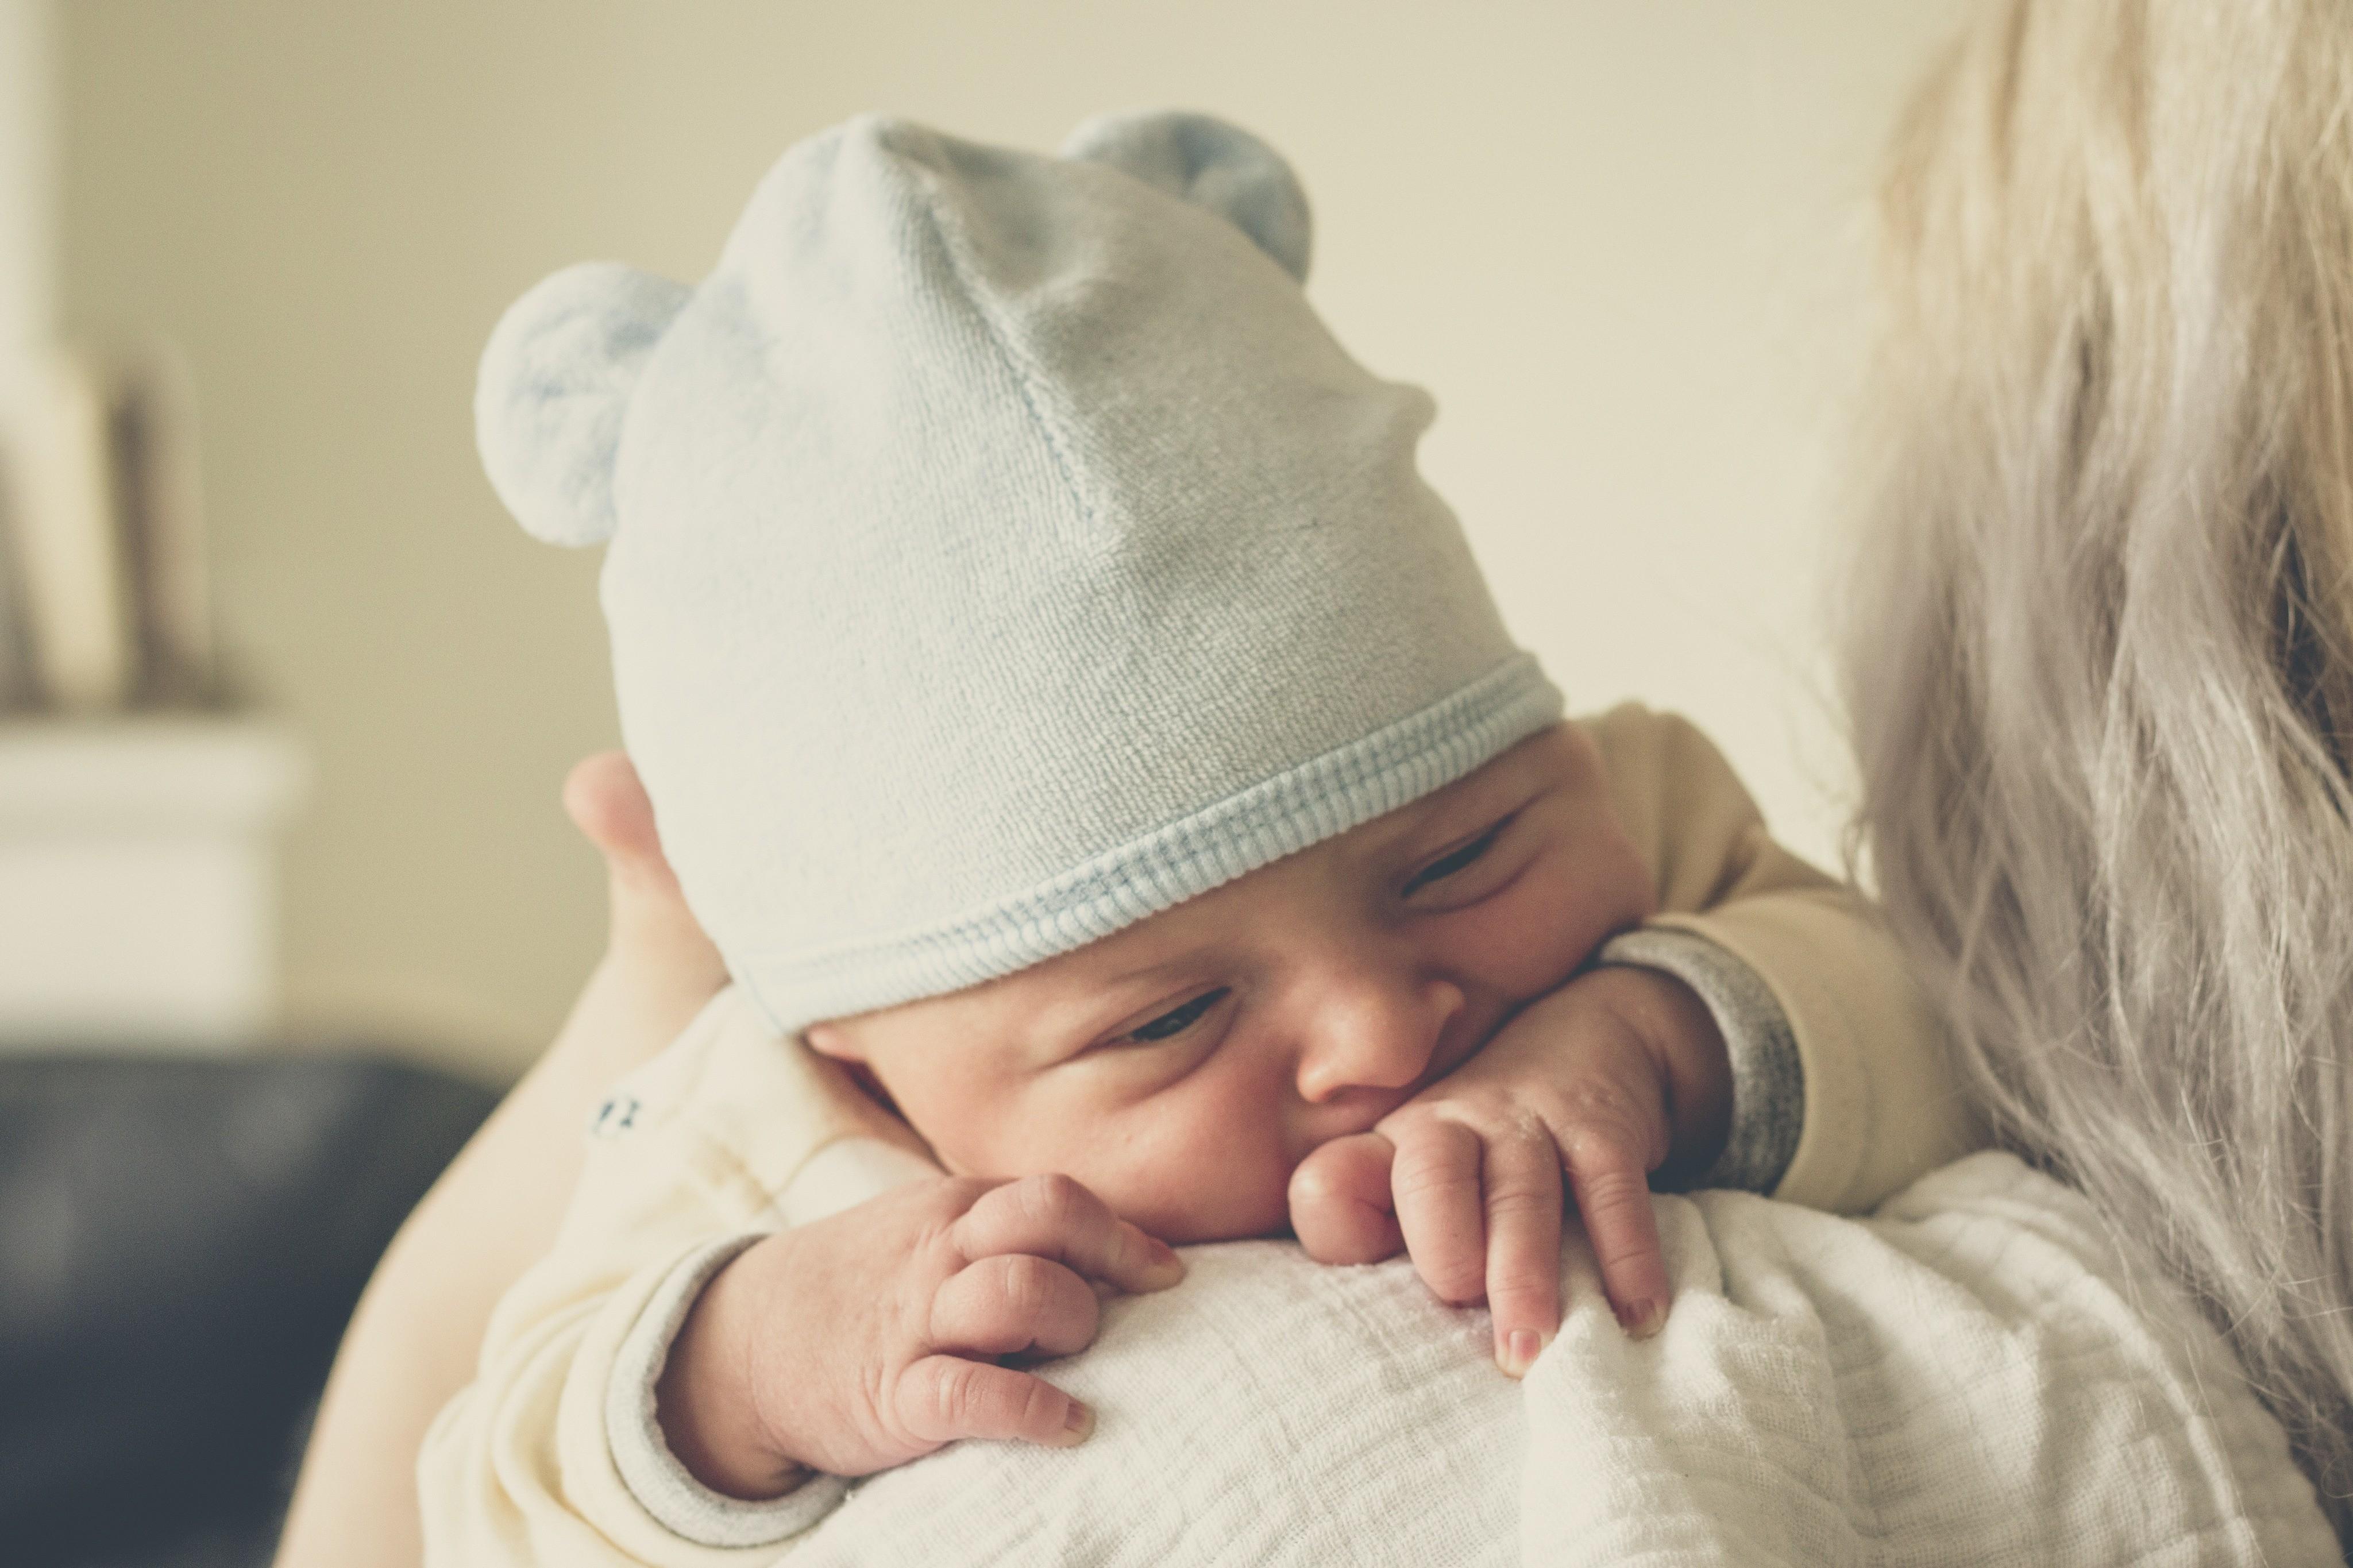 Беременность и имплантаты. Когда делать операцию: до или после родов?